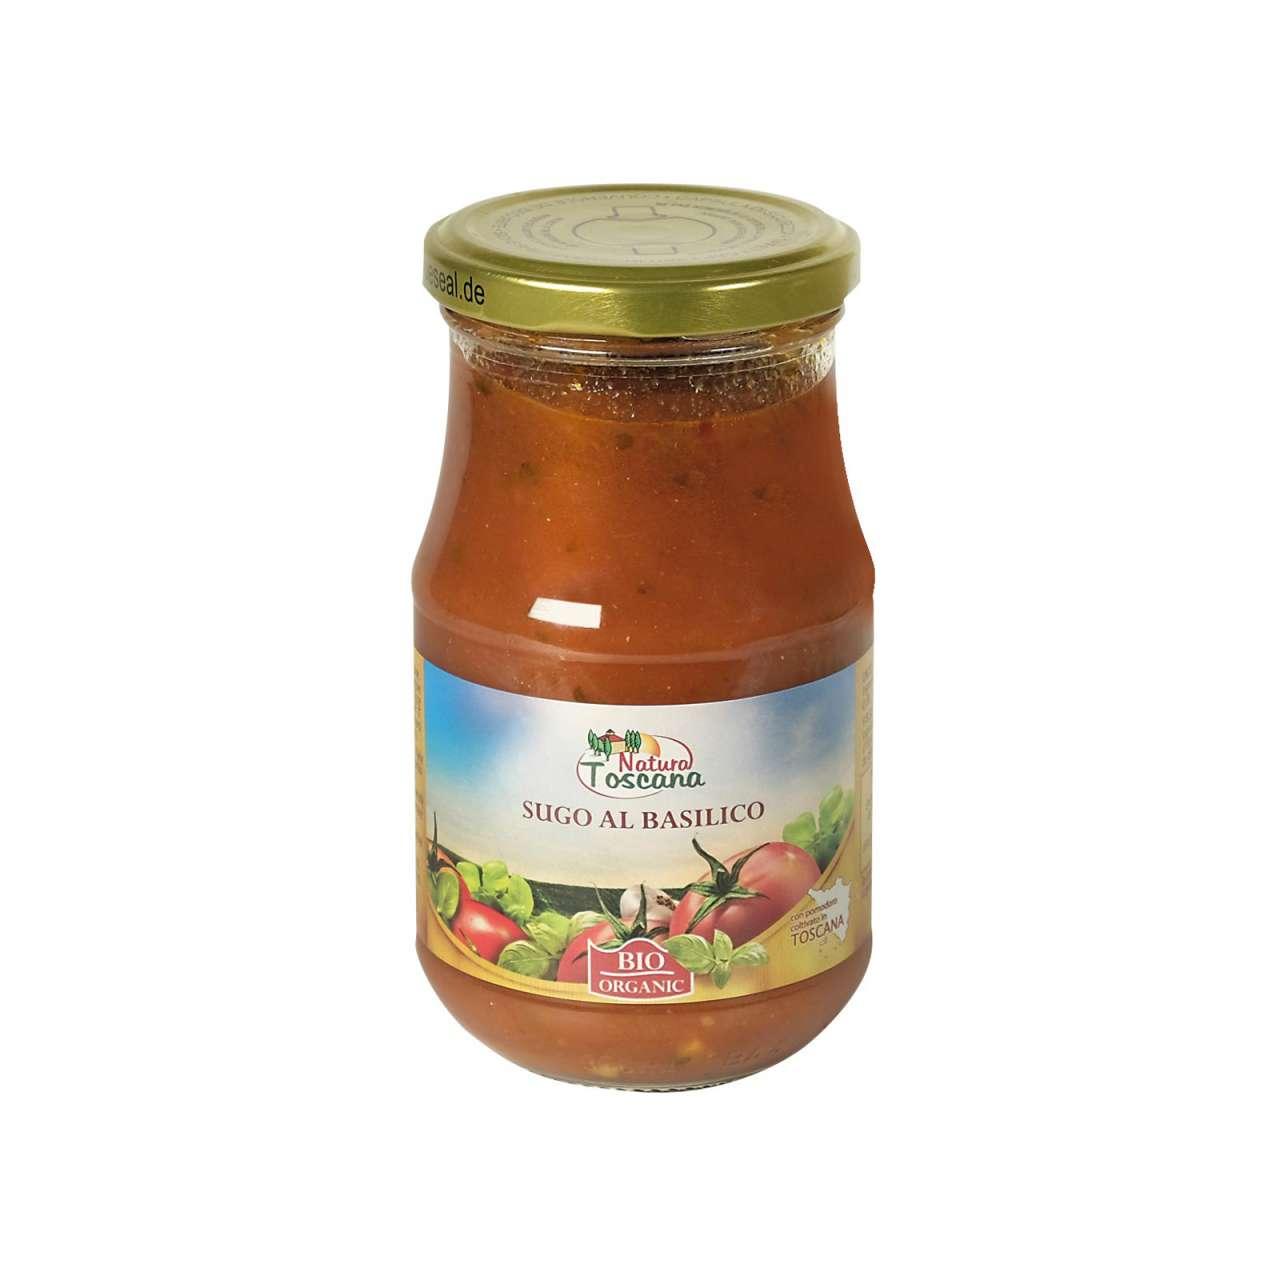 Bild für Bio Tomatensauce Basilikum für köstliche Pasta oder Pizza